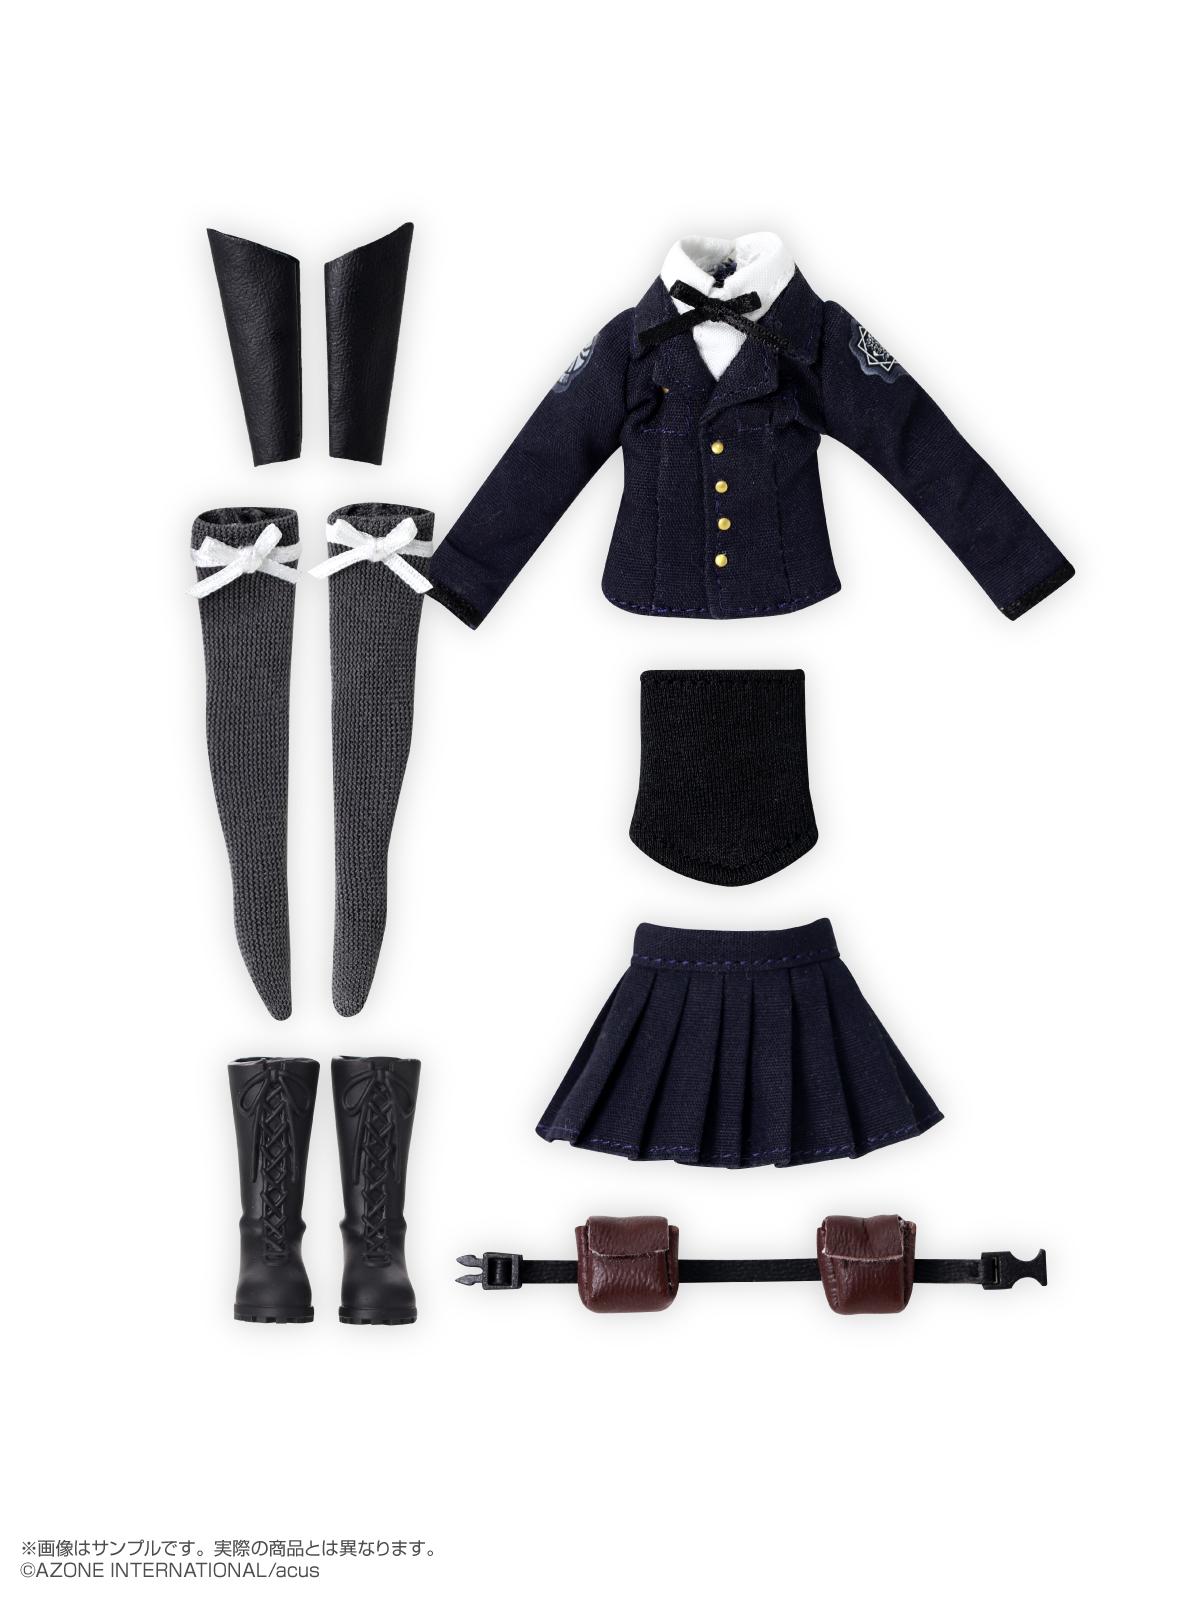 ピコニーモ用ウェア『相模女子 制服セット Sサイズ』1/12 ドール服-001